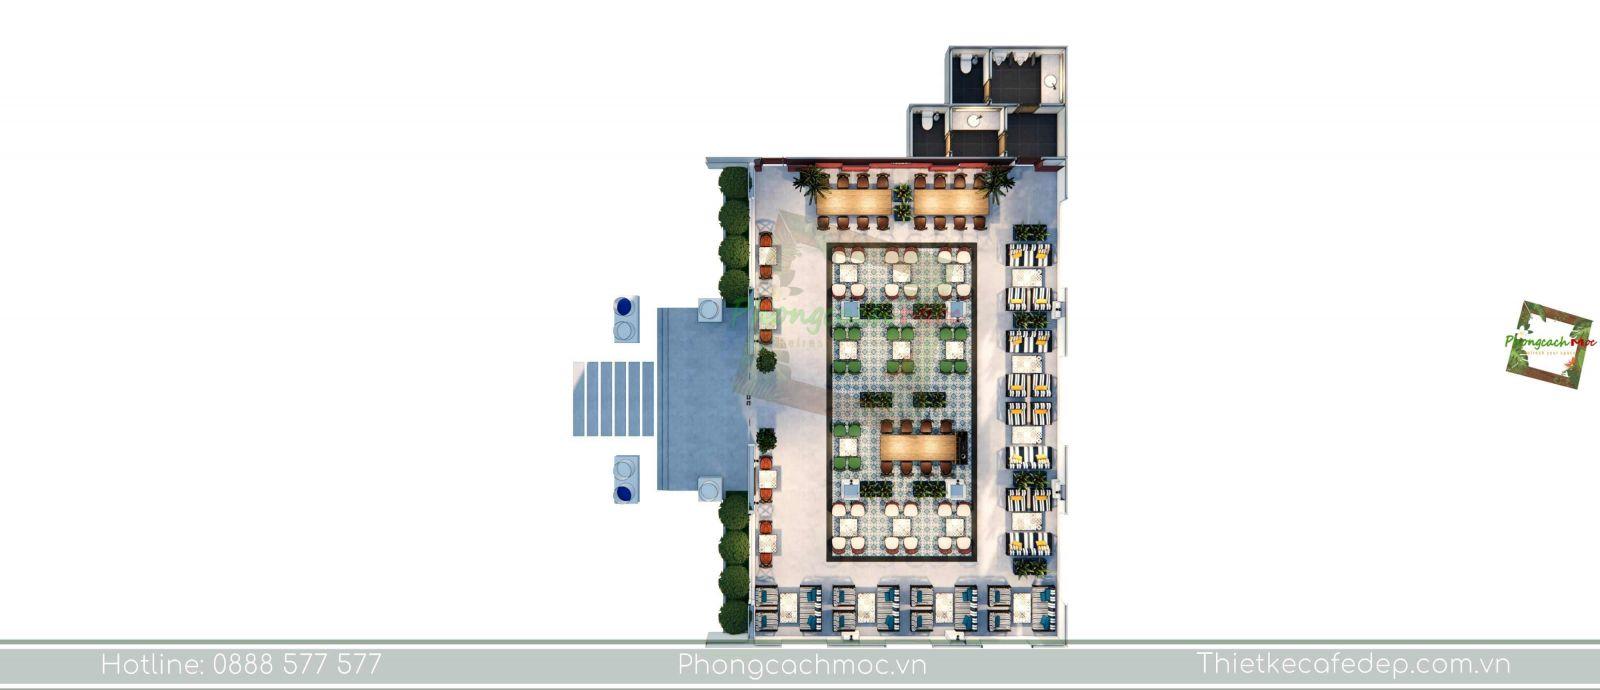 thiết kế quán cafe layout không gian phòng lạnh - 2